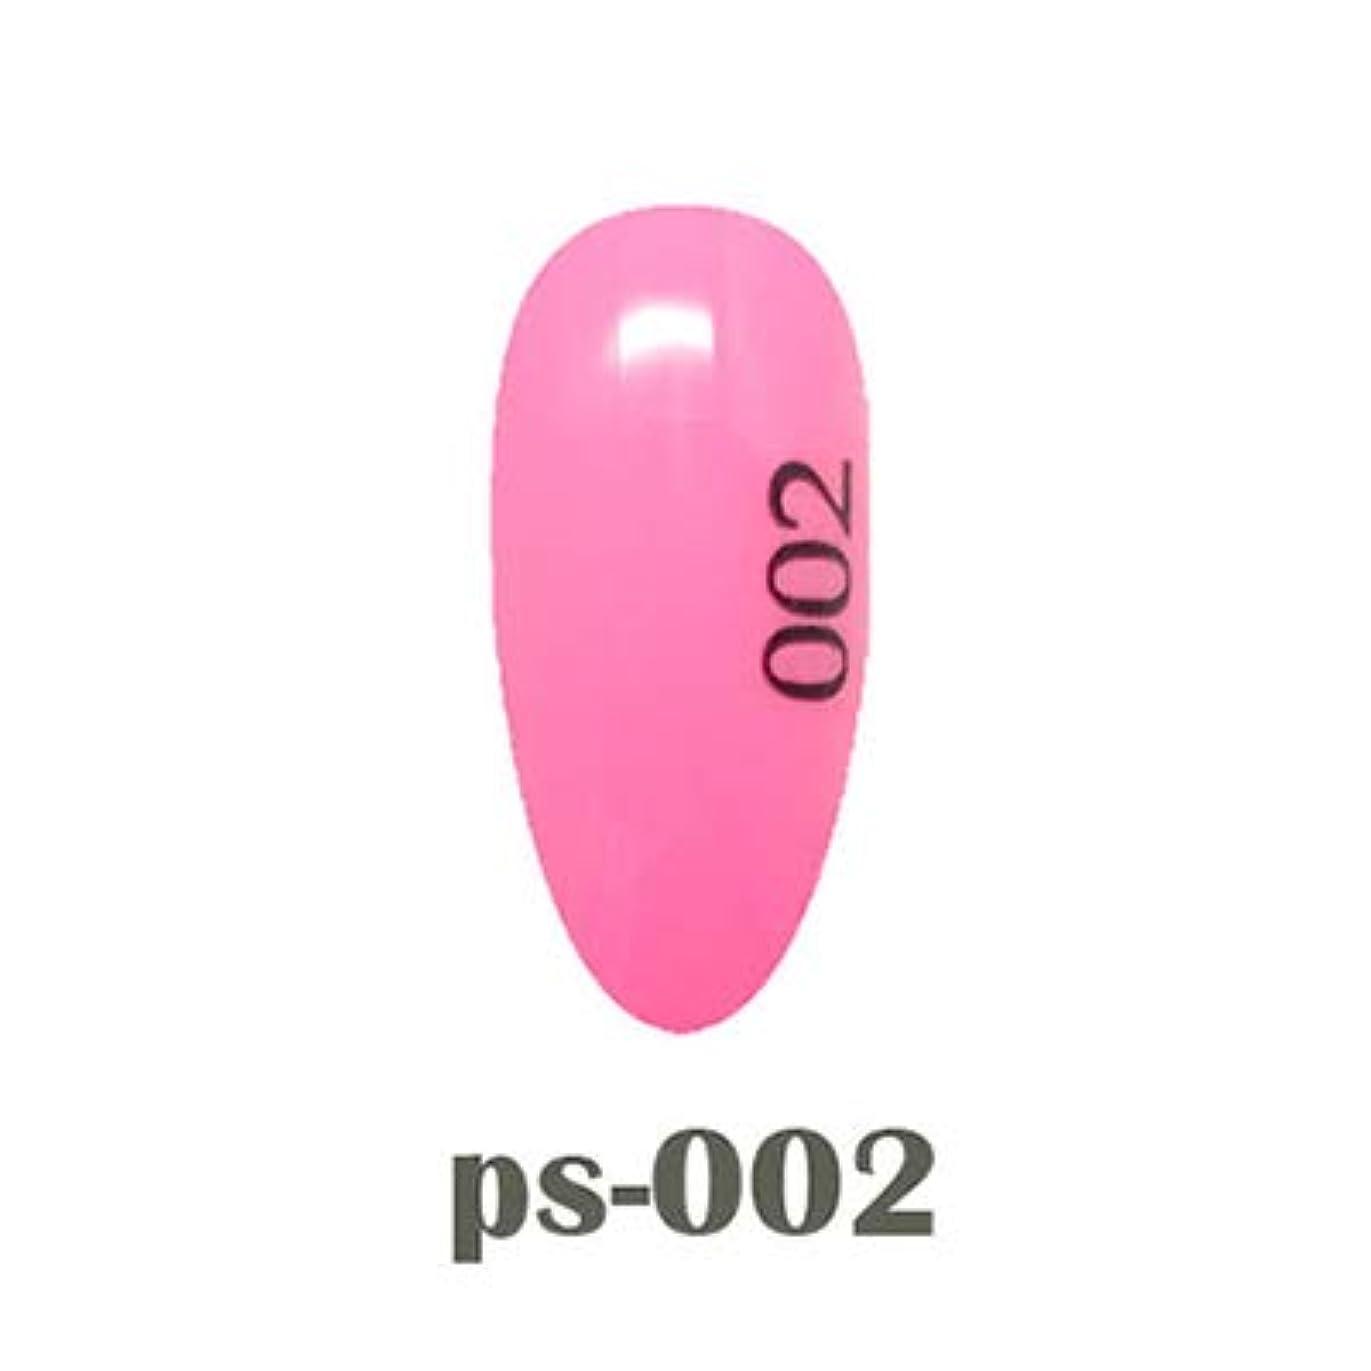 契約ハーフ矩形アイスジェル カラージェル ポイントパステルシリーズ PP-002 3g